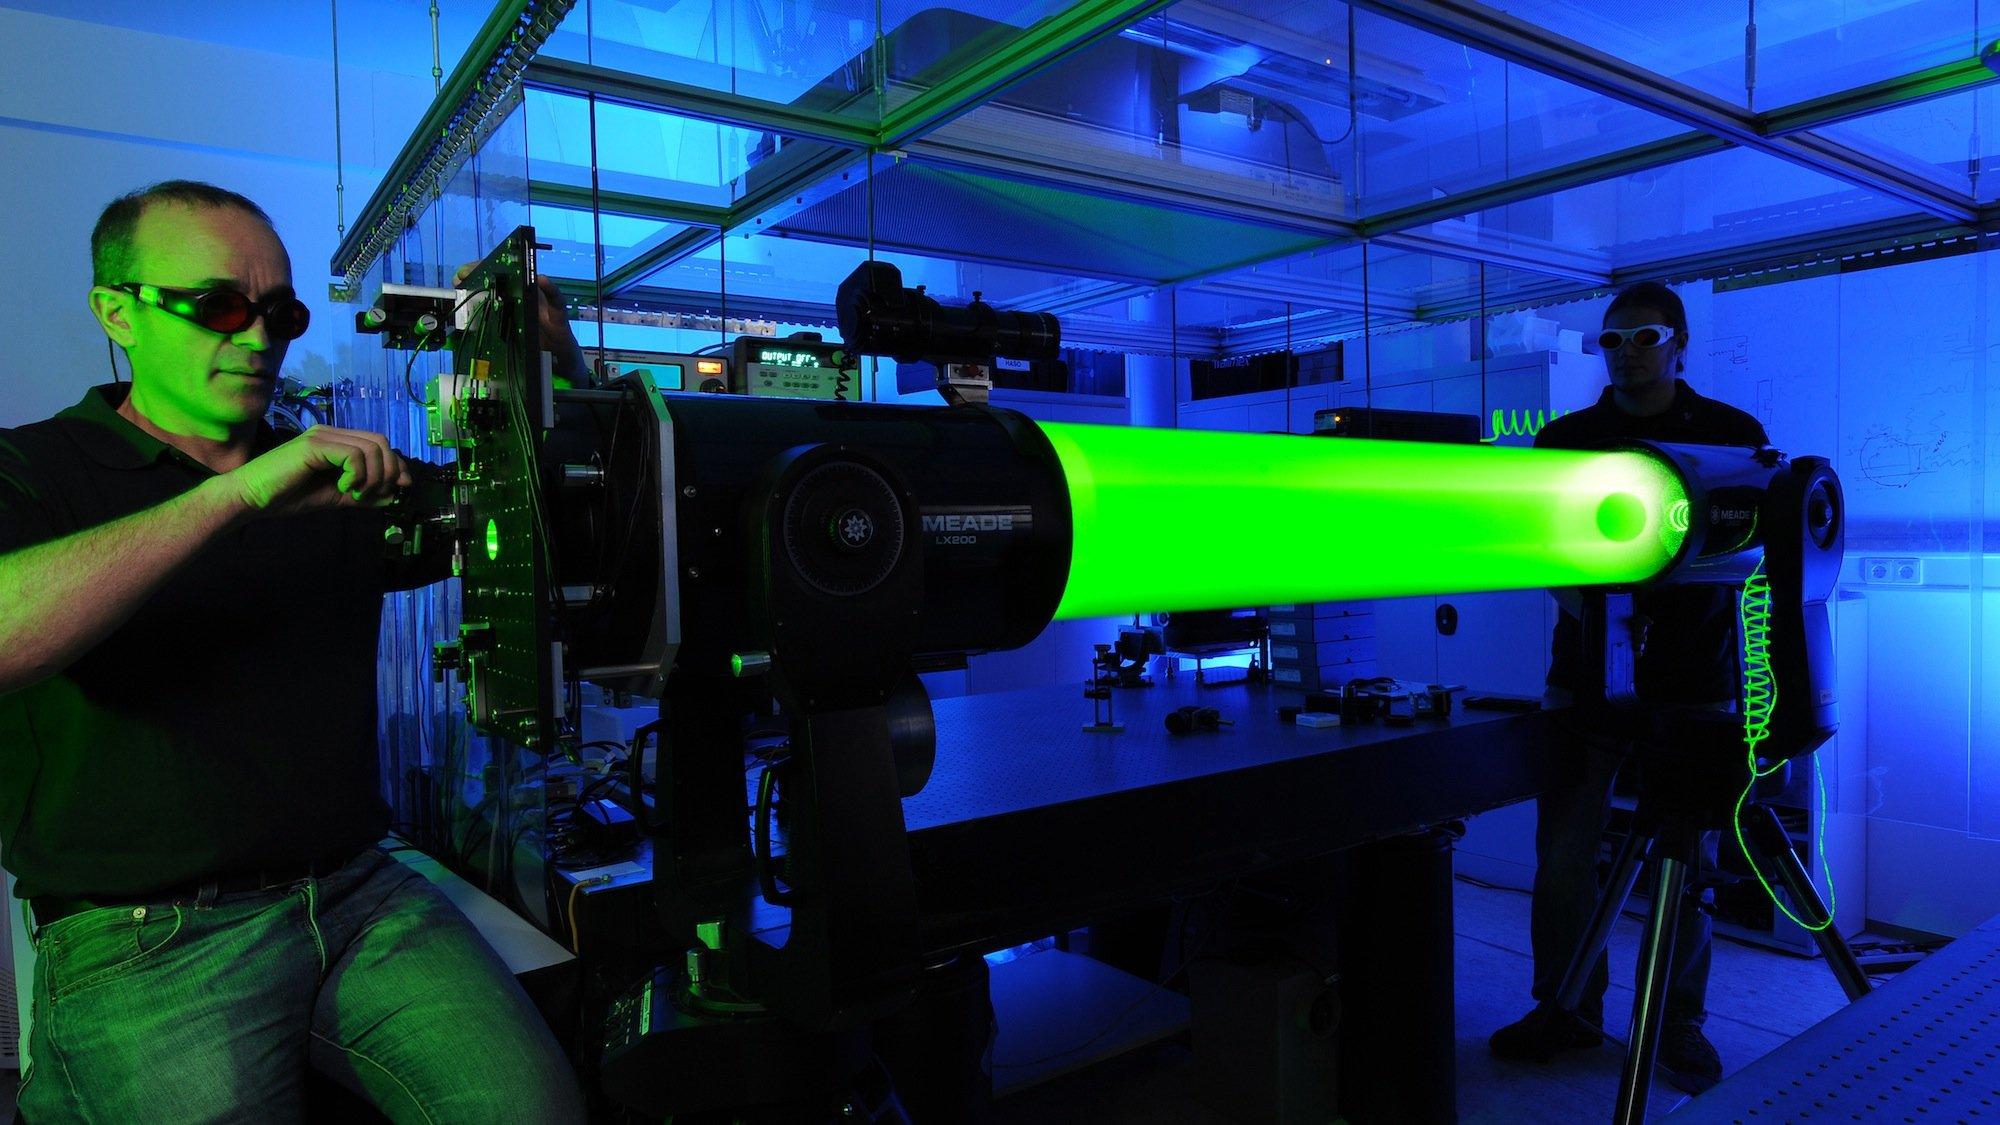 Mit starken Lasern wollen DLR-Forscher künftig Weltraumschrott im All so aus der Bahn schubsen, dass er in der Erdatmosphäre verglüht.